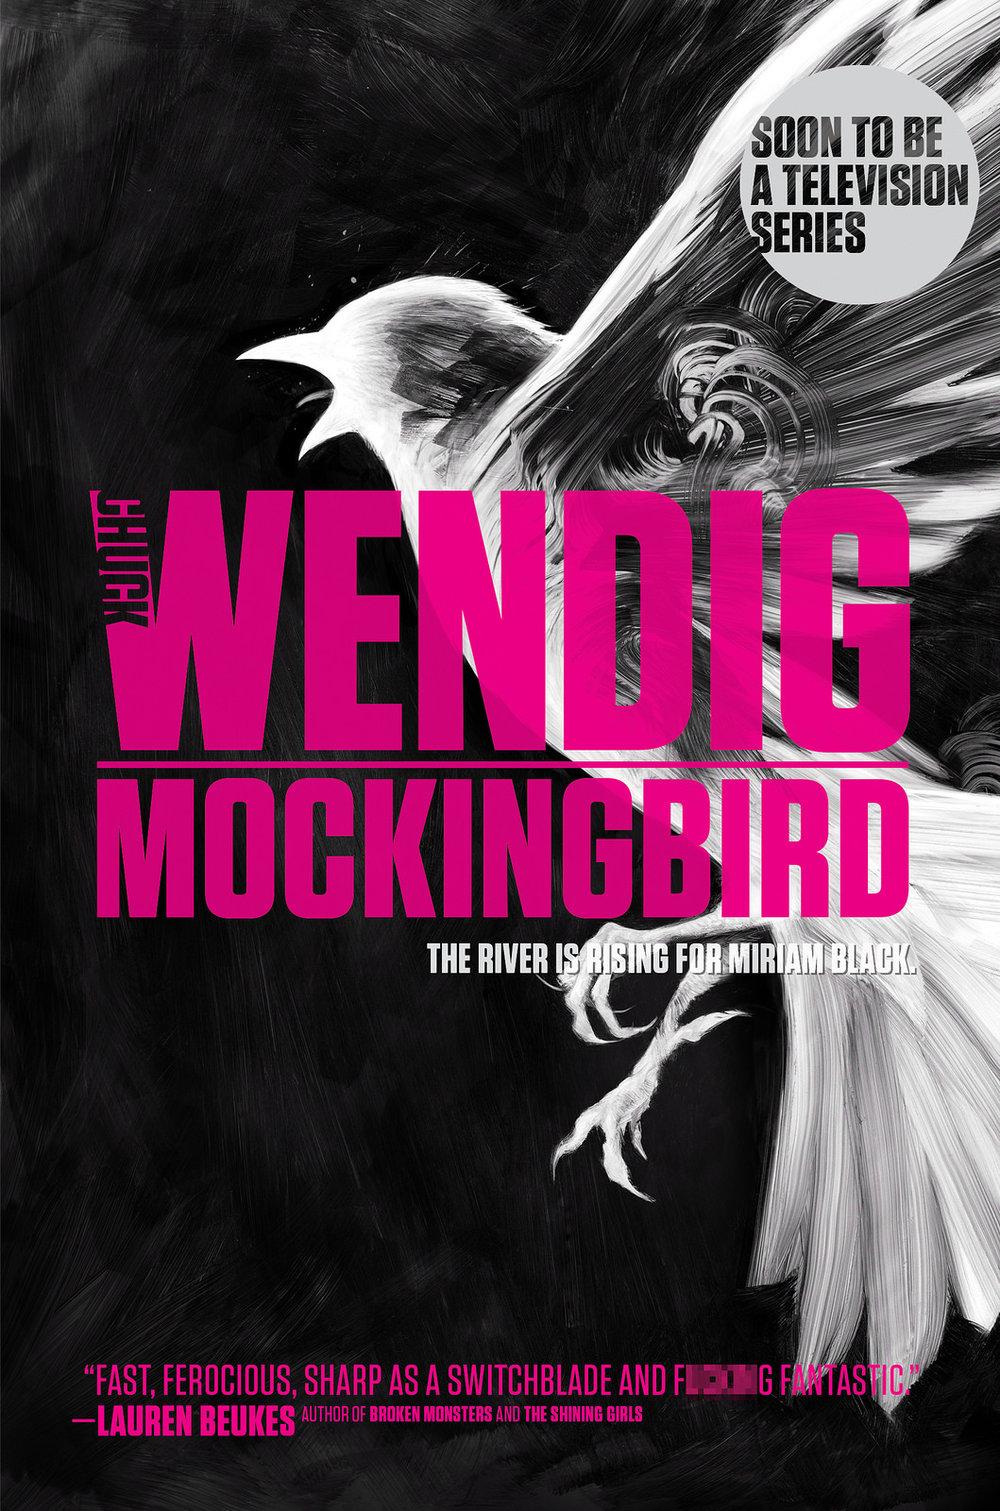 mockingbird2.jpg